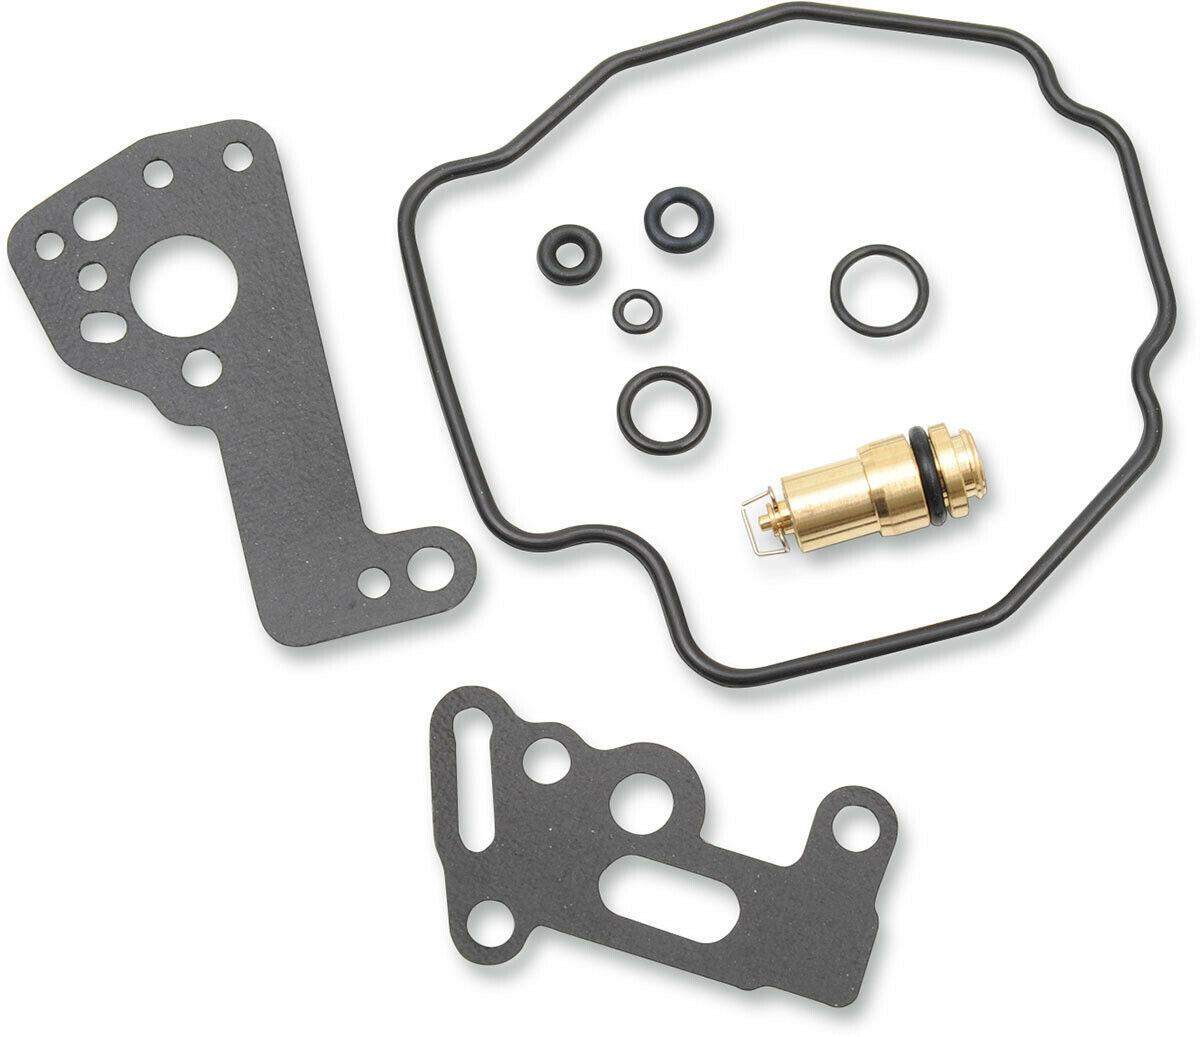 Yamaha 1985-2007 Carburetor Repair Kit - K&L 18-2879